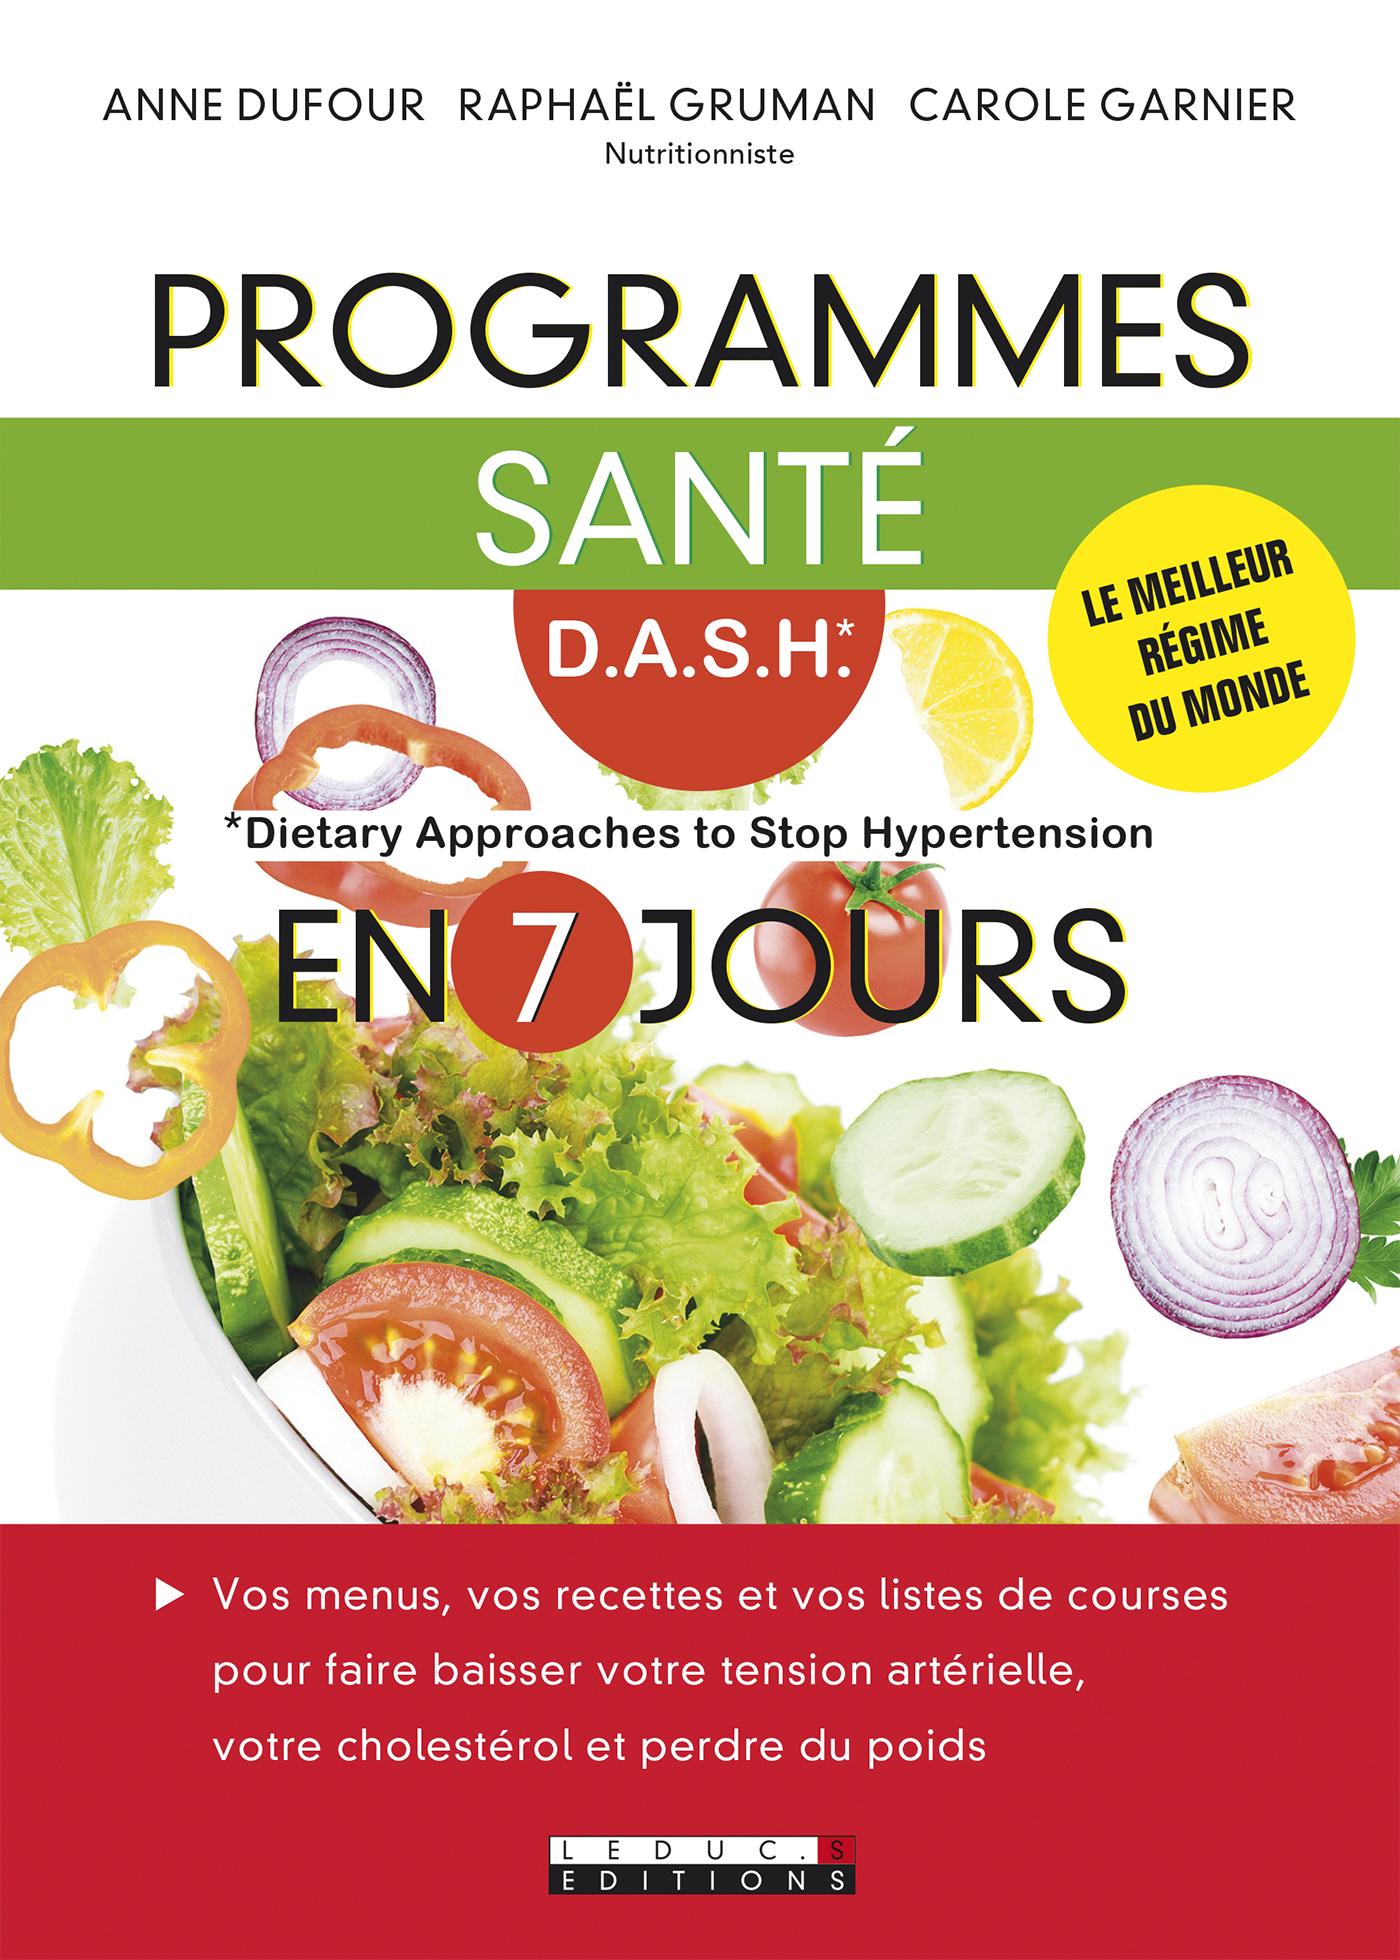 Beliebt Leduc.s éditions : Programmes santé D.A.S.H en 7 jours - Le  GN19